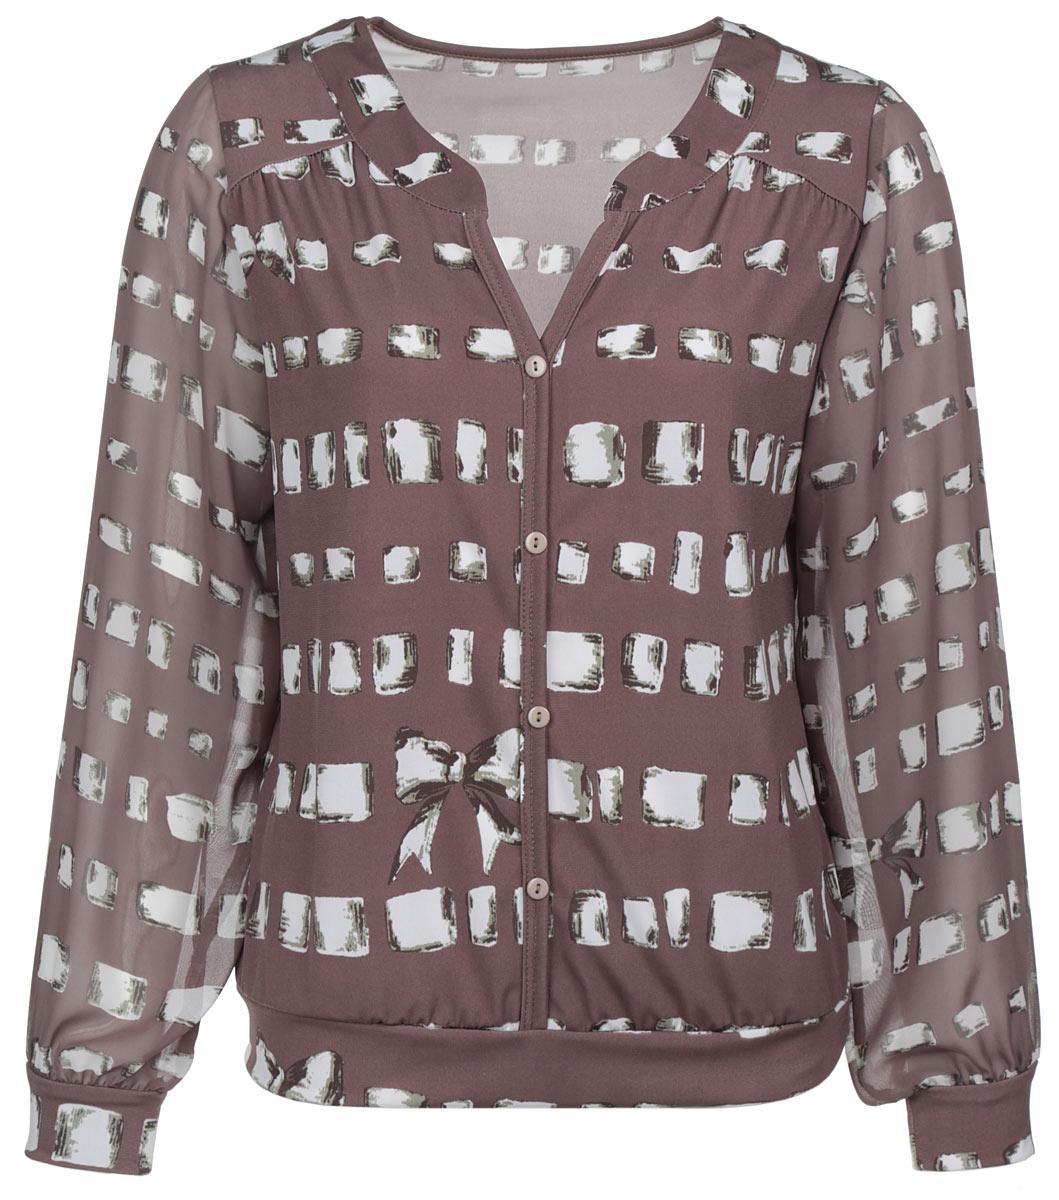 Блузка женская. 1121-6241121-624Замечательная женская блуза Milana Style подчеркнет ваш уникальный стиль и поможет создать оригинальный женственный образ. Модель с V-образным воротником оформлена декоративной планкой с пуговицами. Длинные полупрозрачные рукава блузки дополнены эластичными манжетами. Такая блузка будет дарить вам комфорт в течение всего дня и послужит замечательным дополнением к вашему гардеробу.